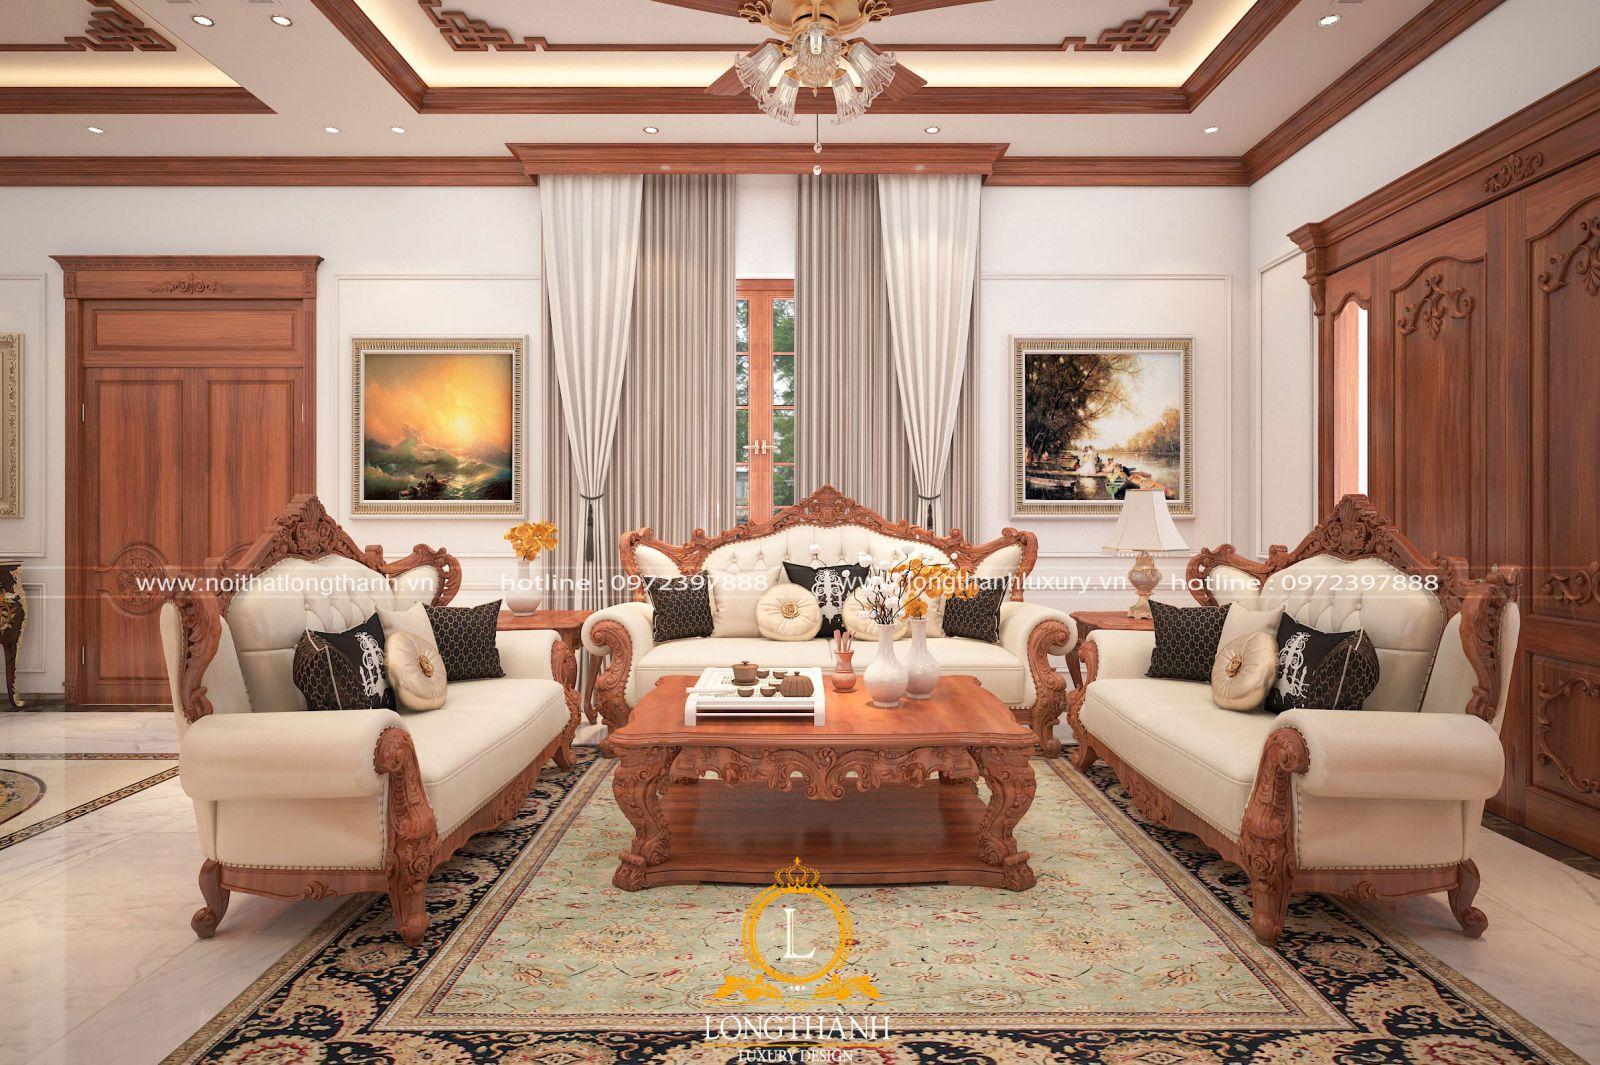 Mẫu sofa cho phòng khách tân cổ điển nhà ống